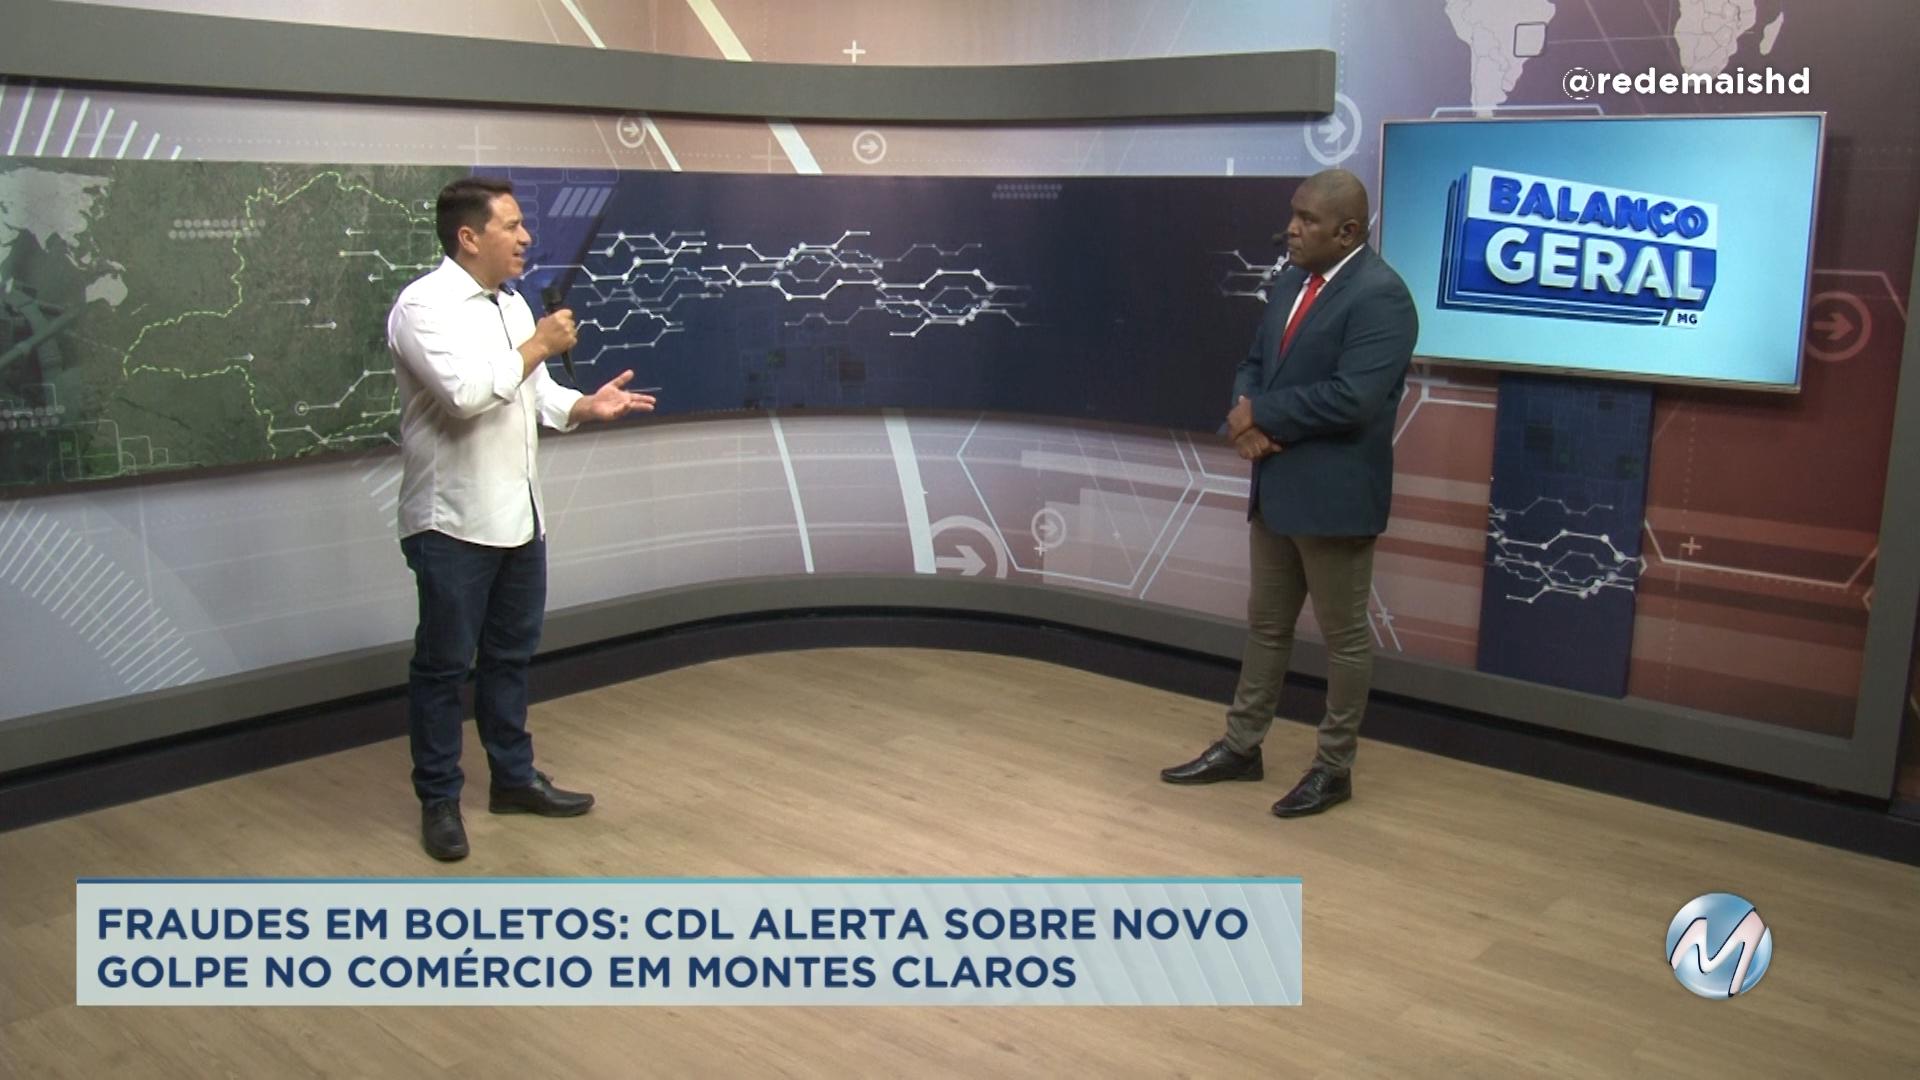 Entrevista: CDL alerta sobre novo golpe no comércio em Montes Claros